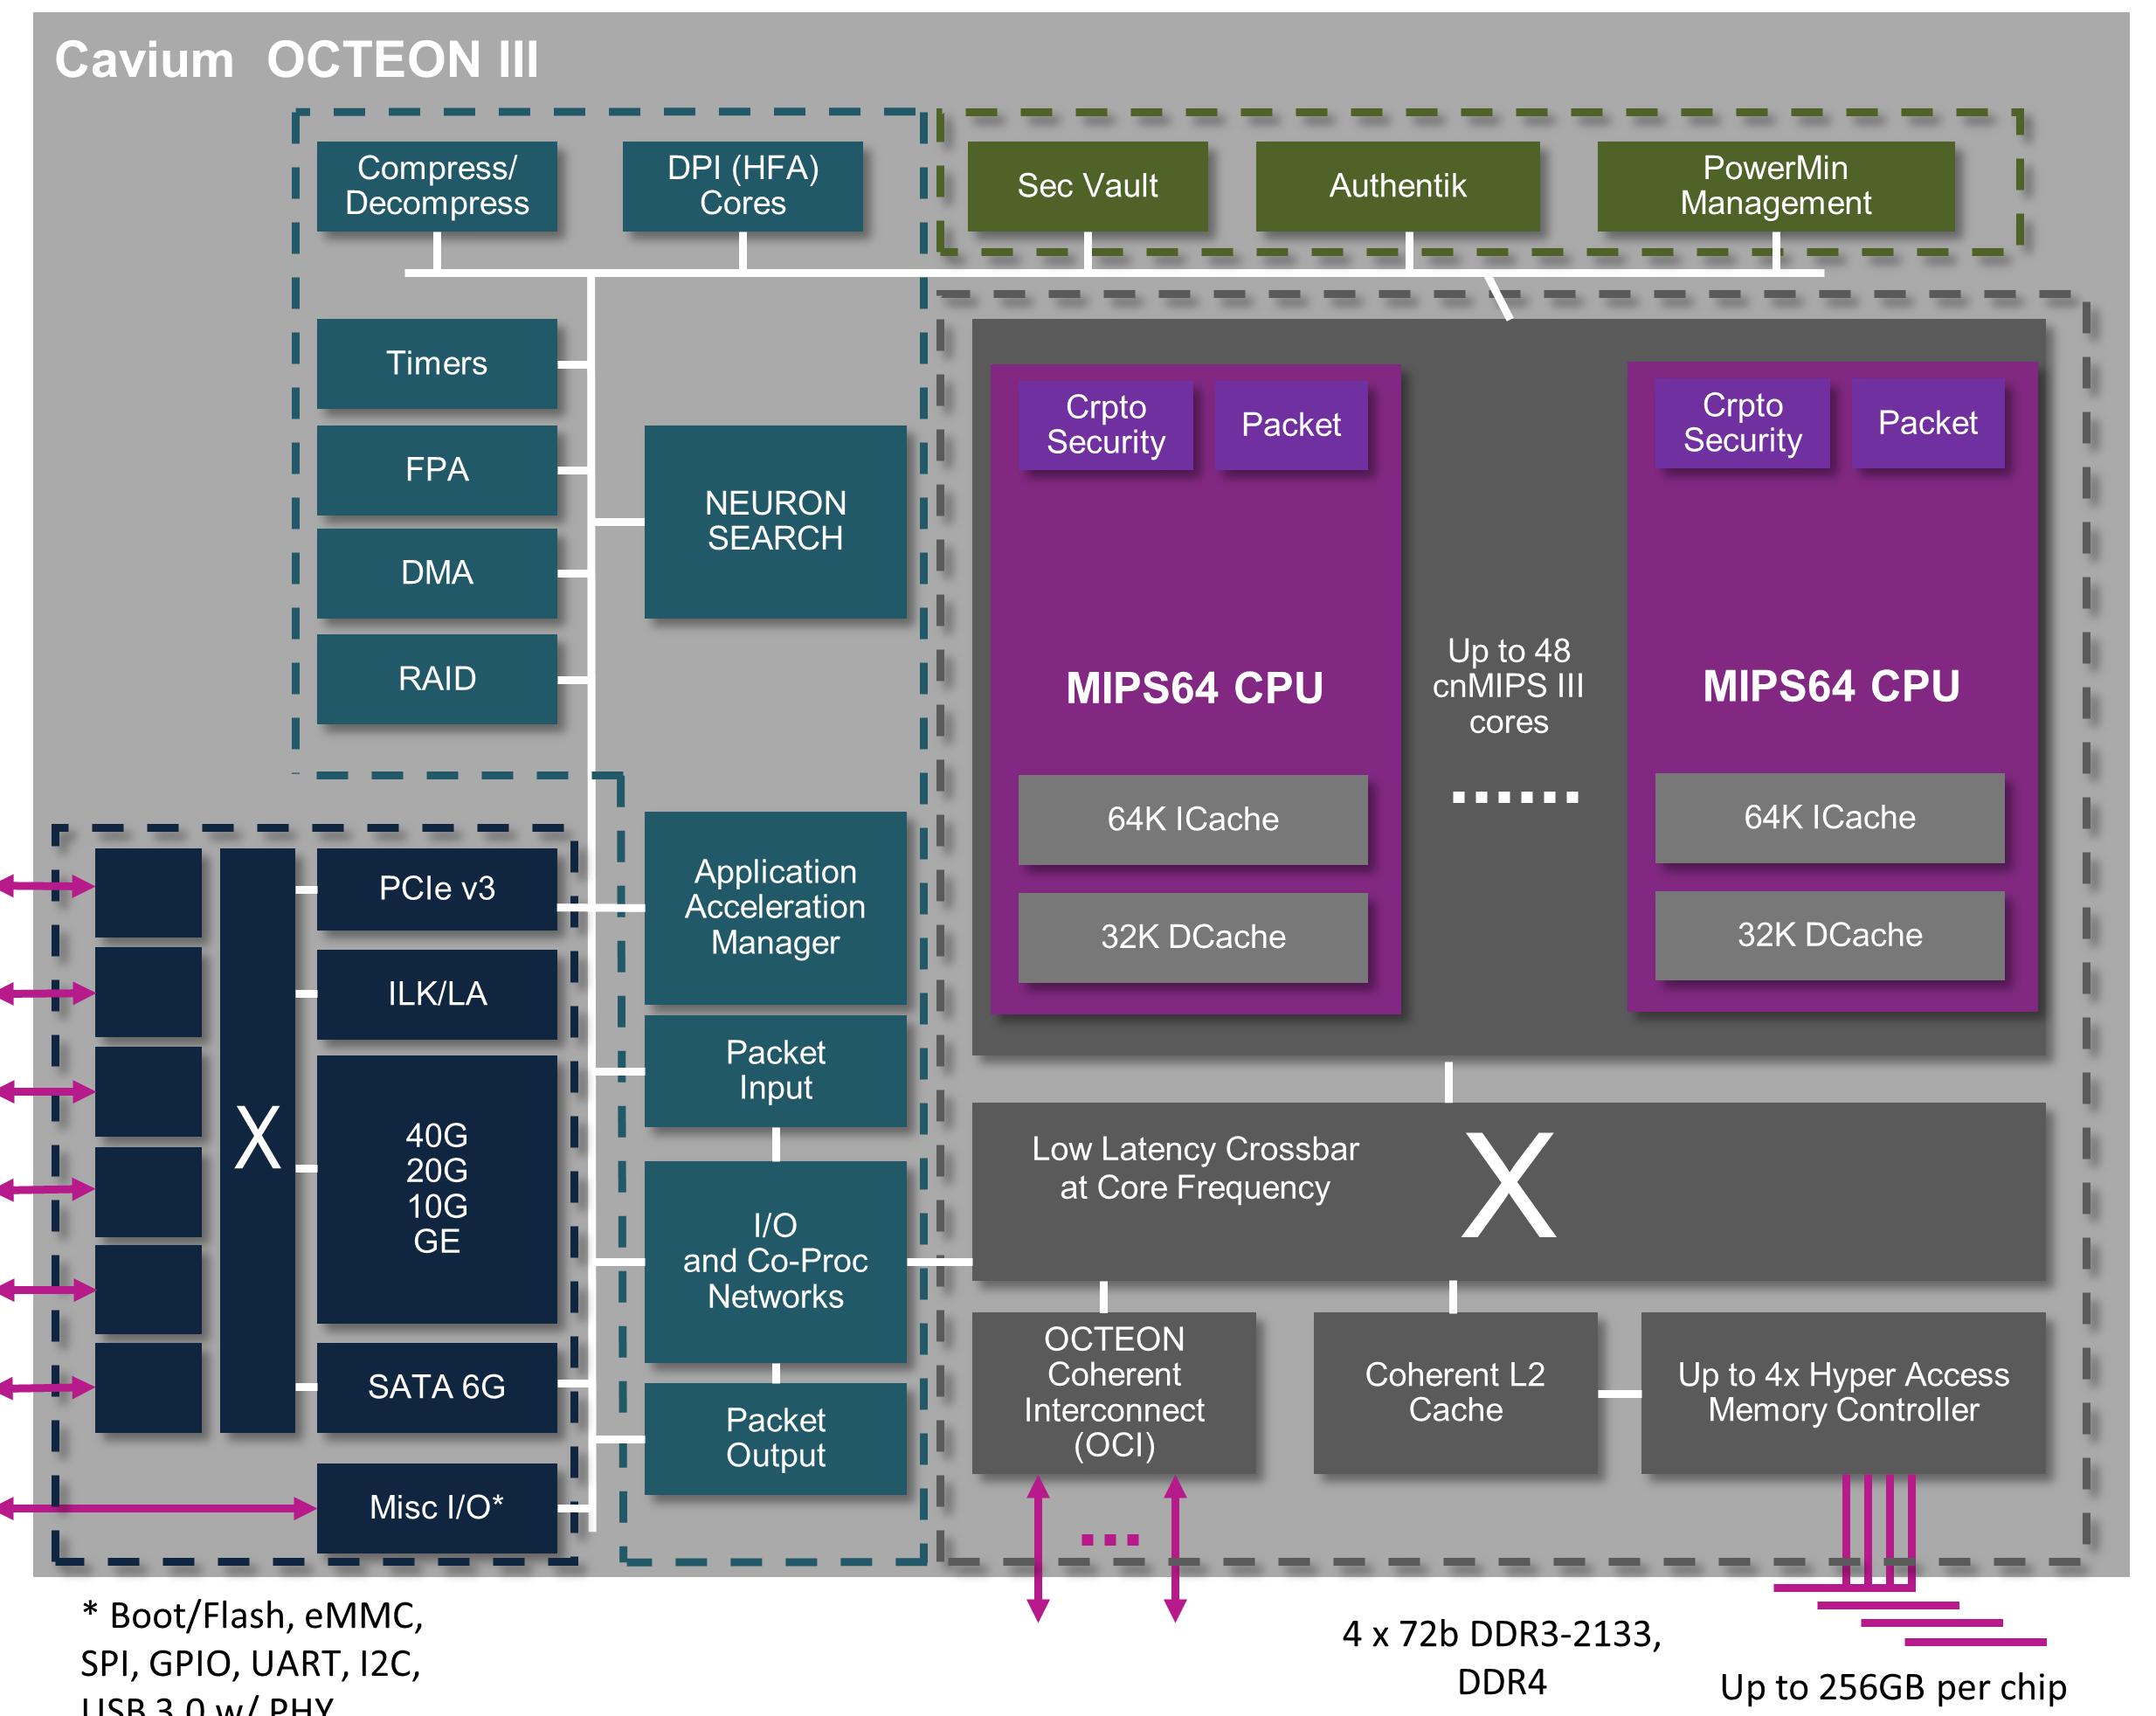 Cavium OCTEON III - cnMIPS - MIPS64_f